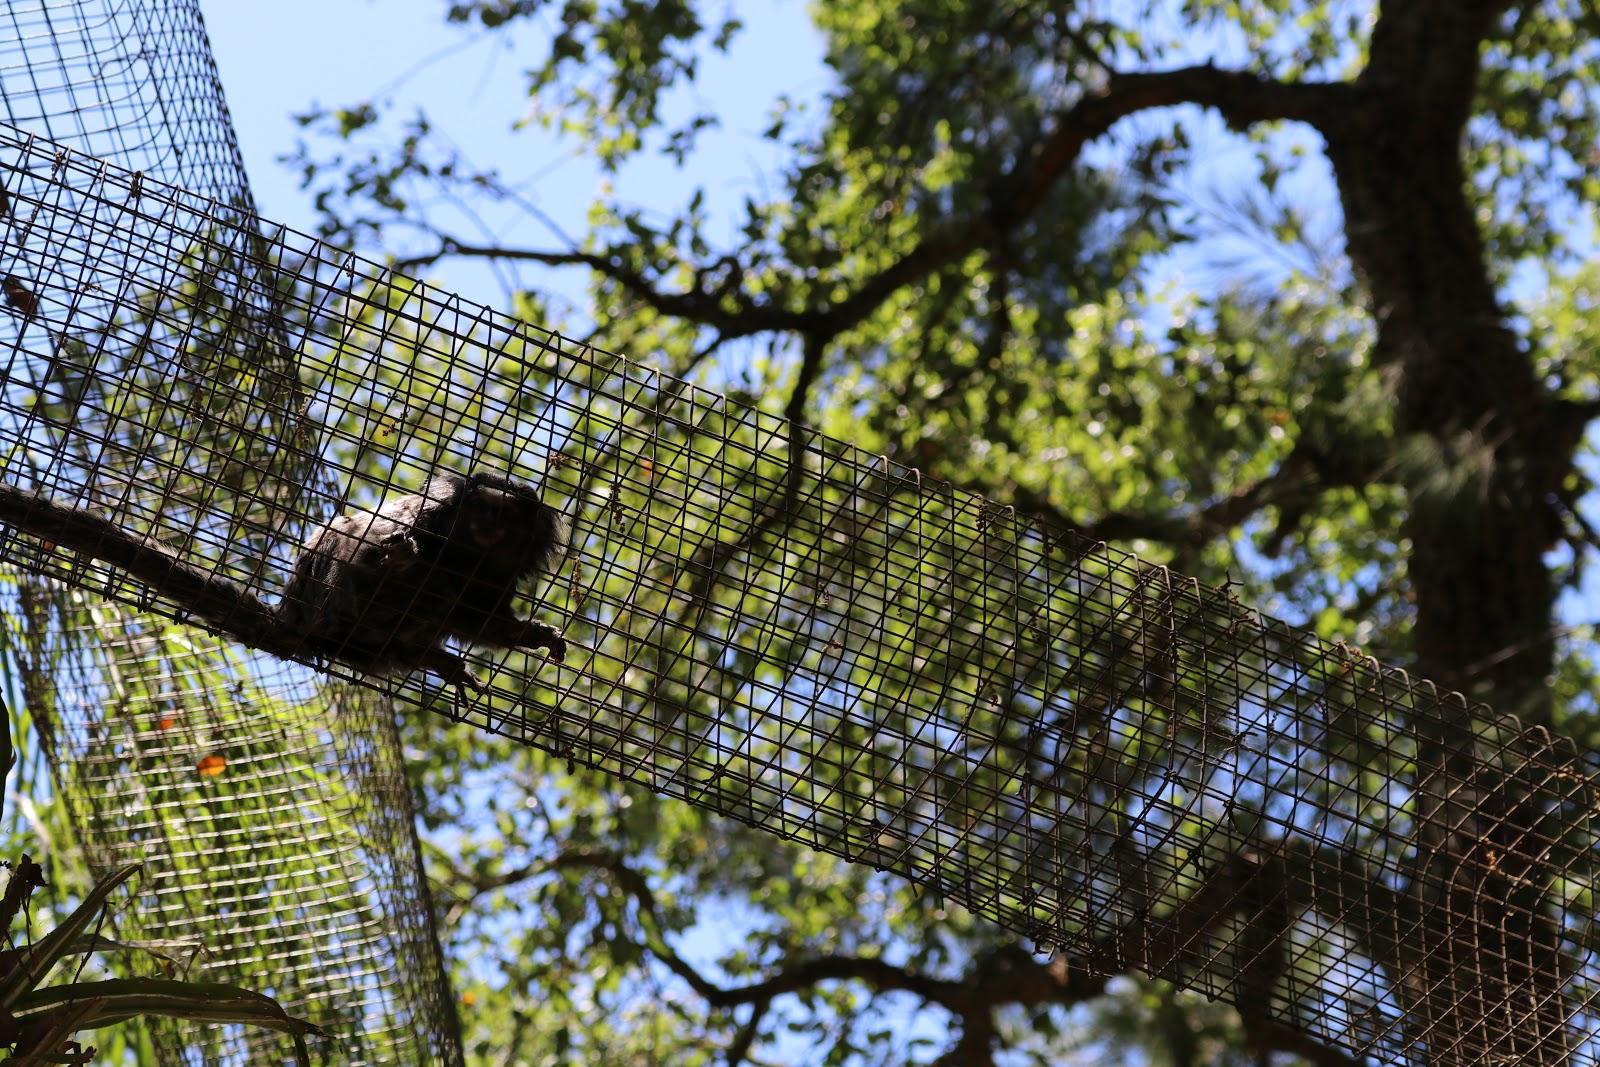 a monkey in Zoo De Castellar, Spain